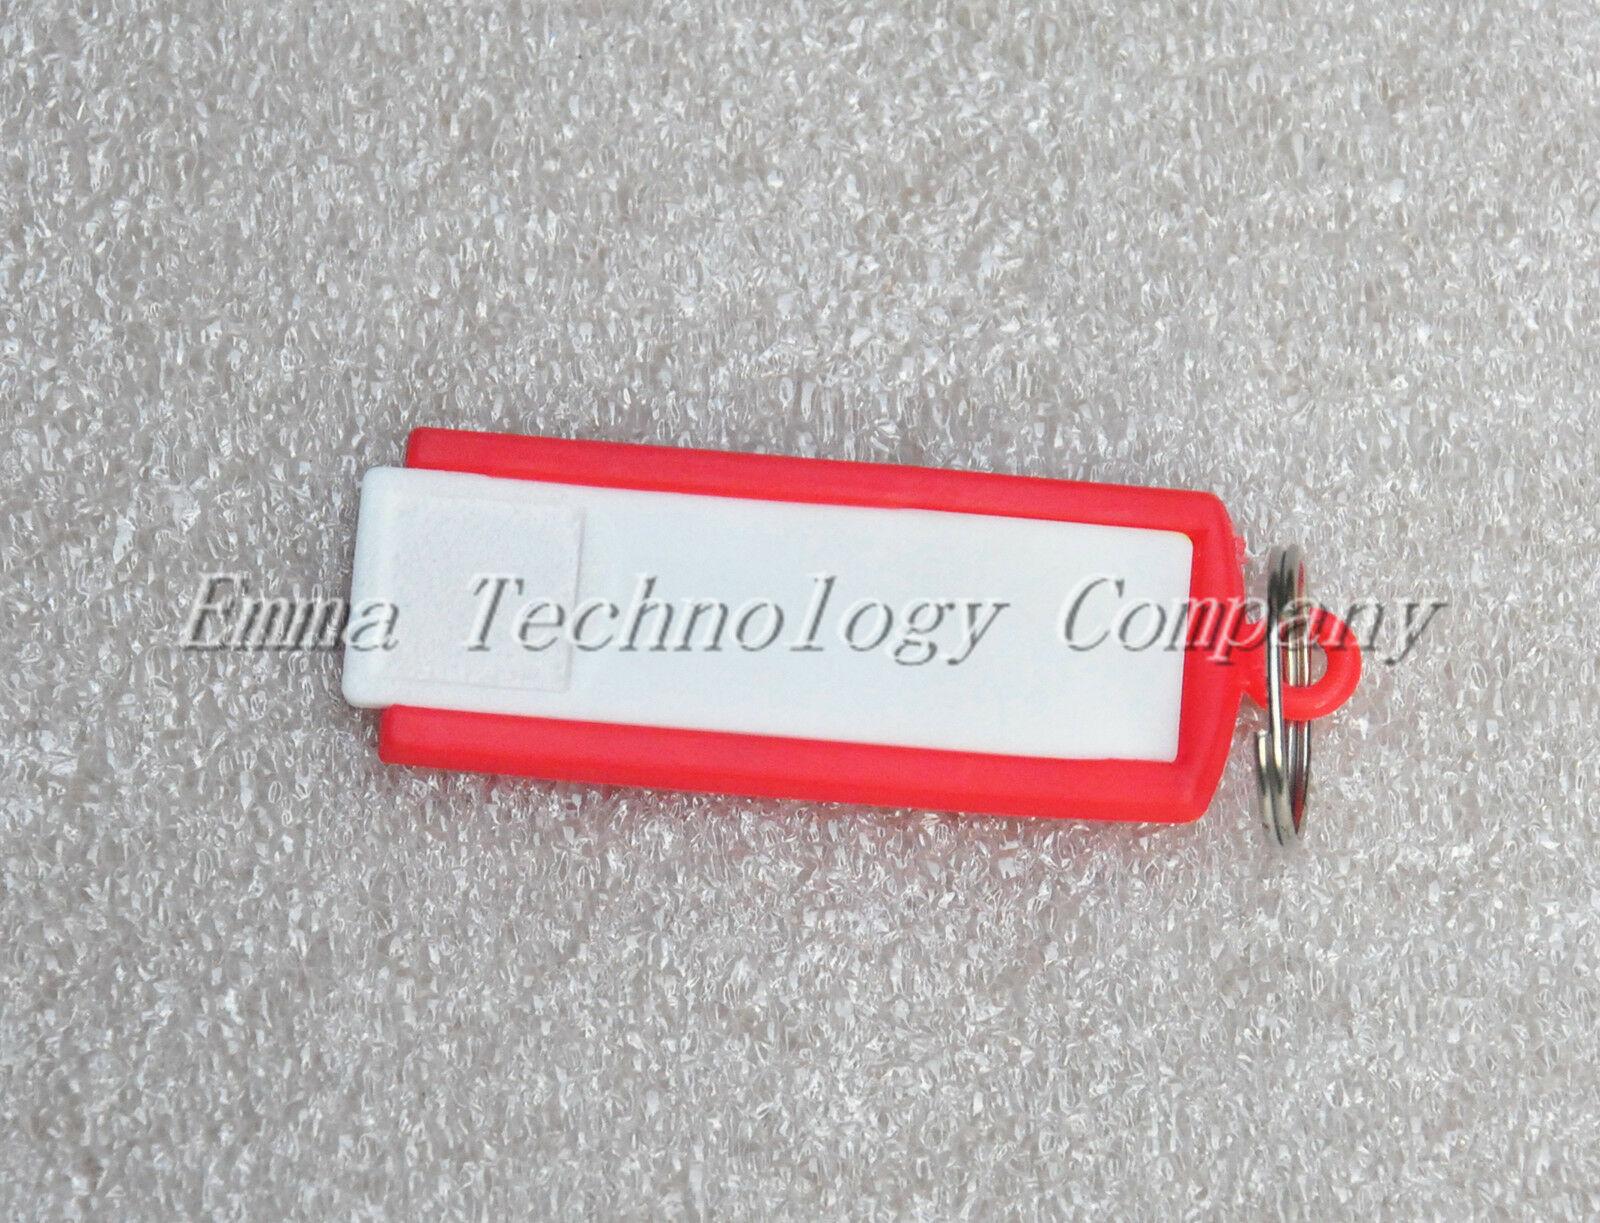 980 нм 1031 нм 1064 нм 1550 ИК Инфракрасный Лазер Визуализатор Детектор Дисплей Плата Карта